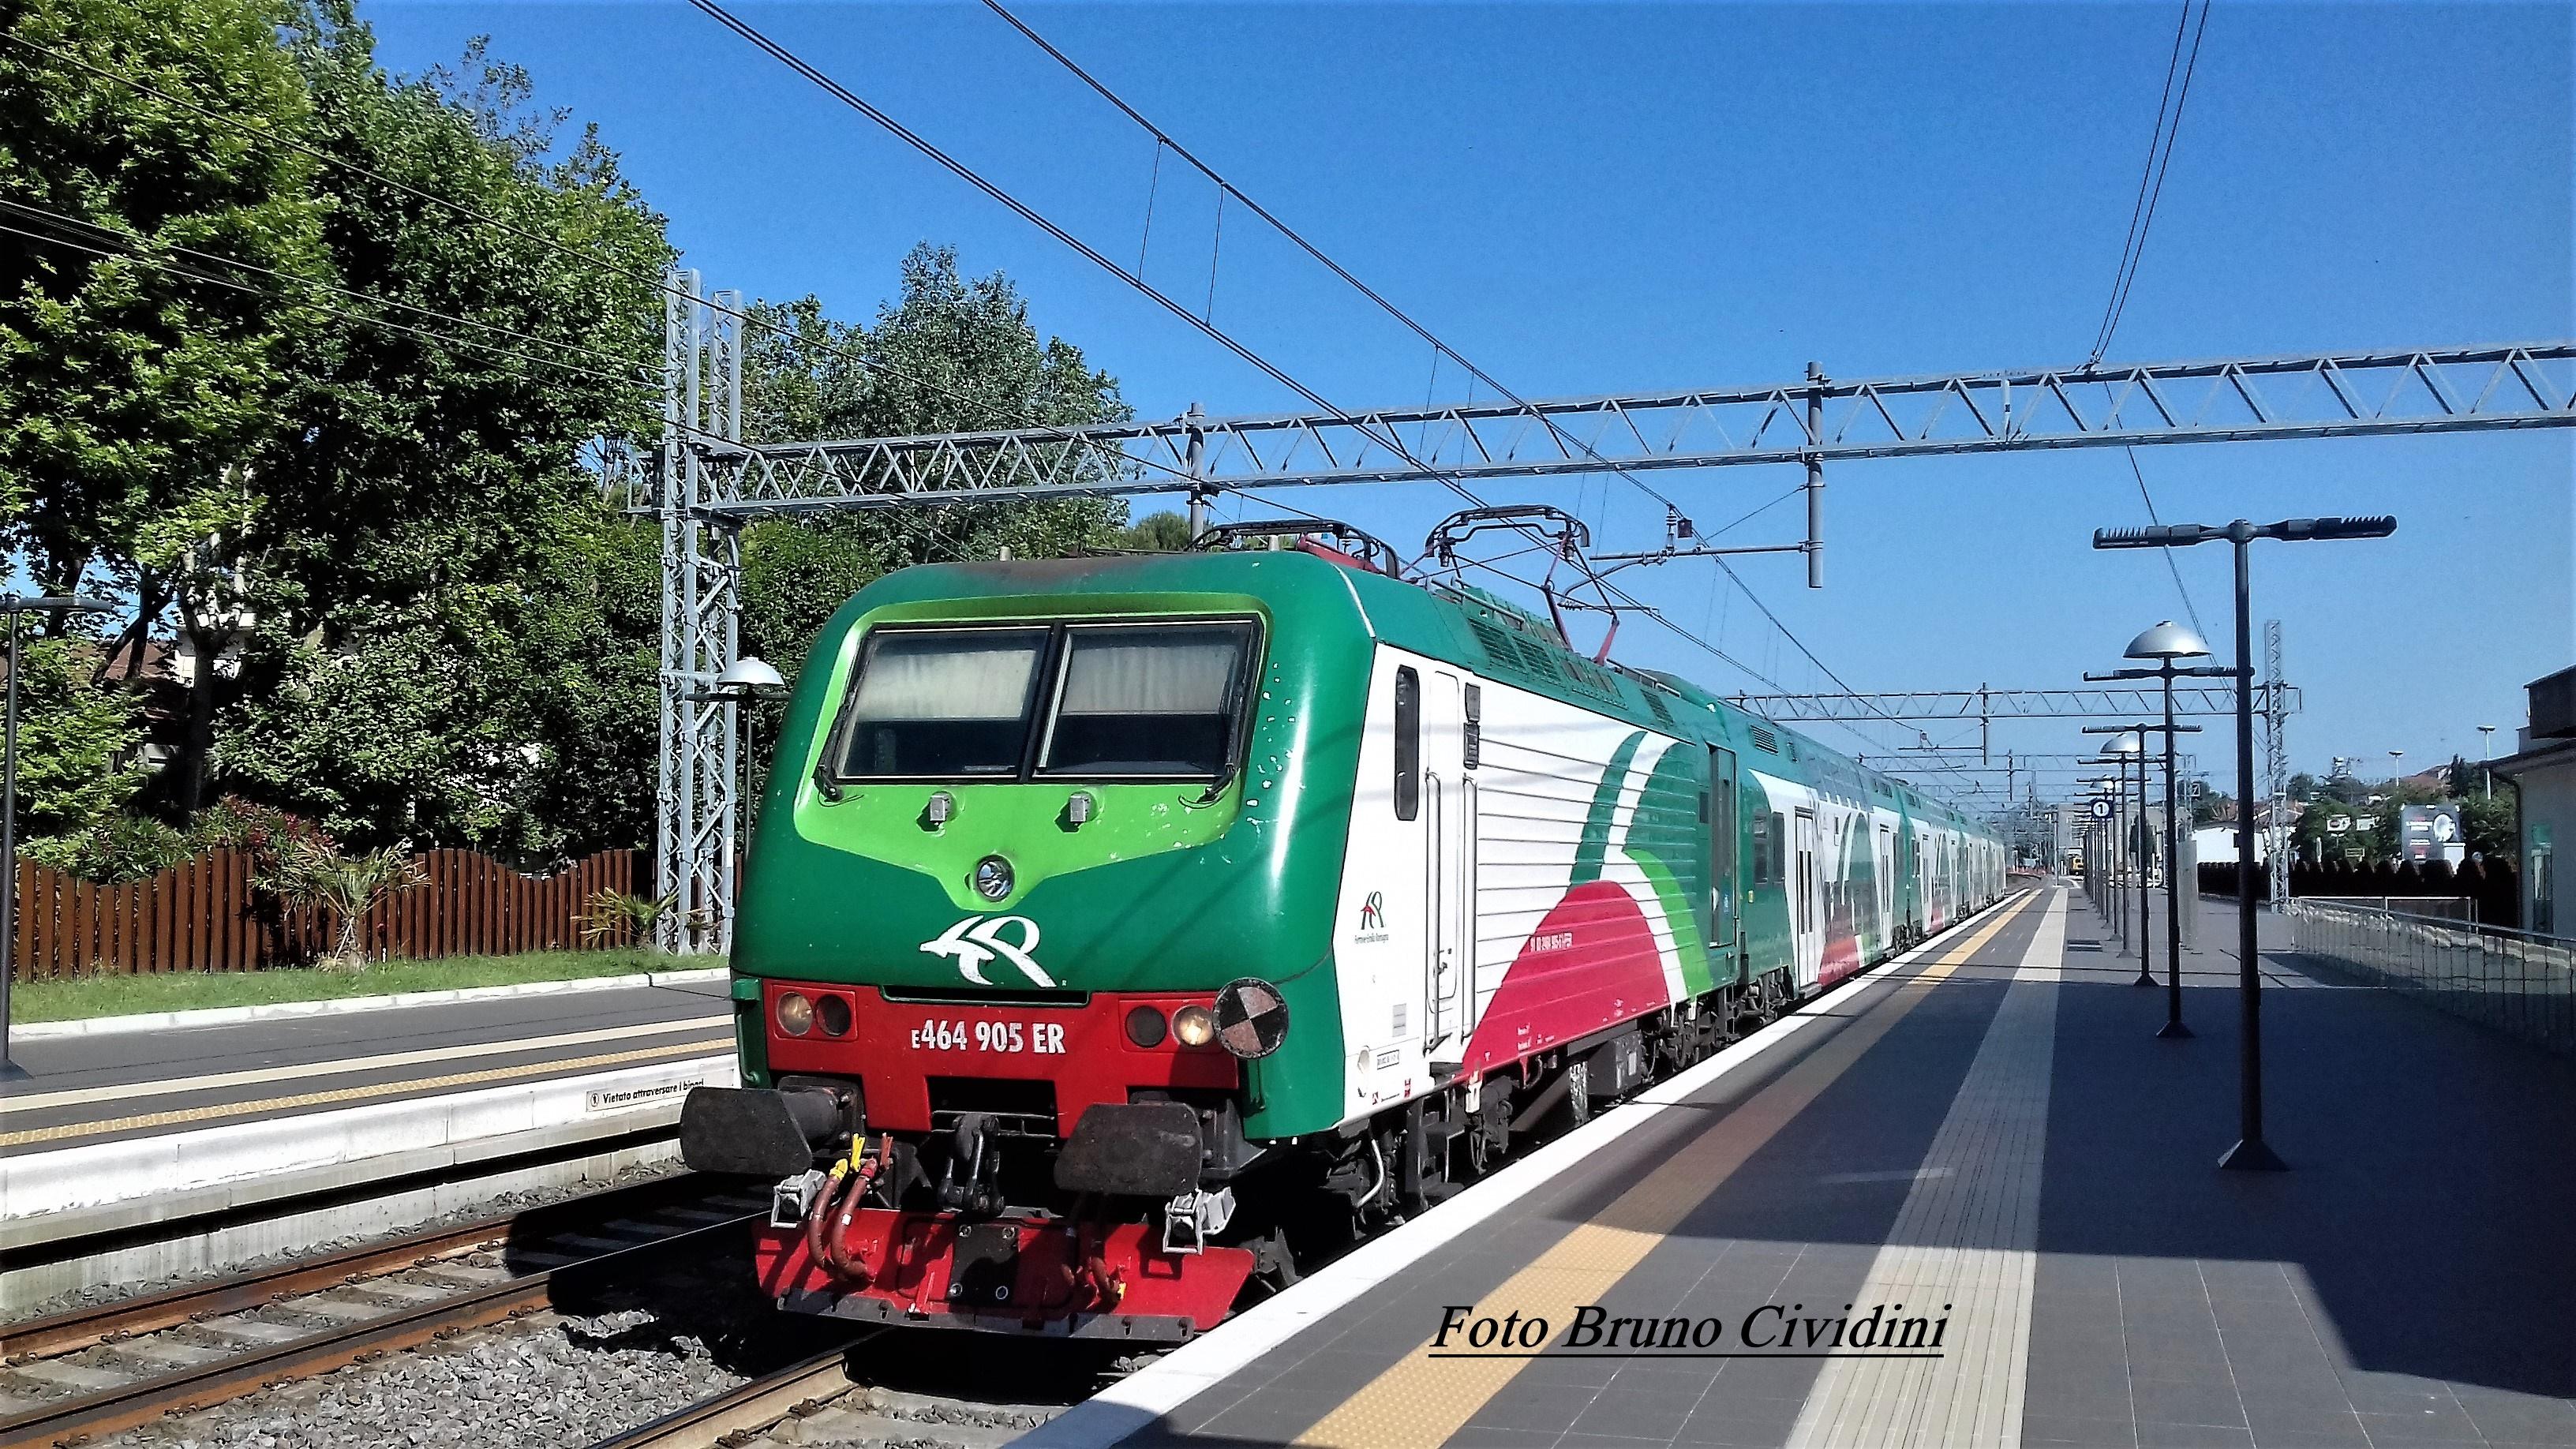 new arrival 4b852 28846 E.464.905 ER – Riccione – 16 Giugno 2019 di Bruno Cividini ...